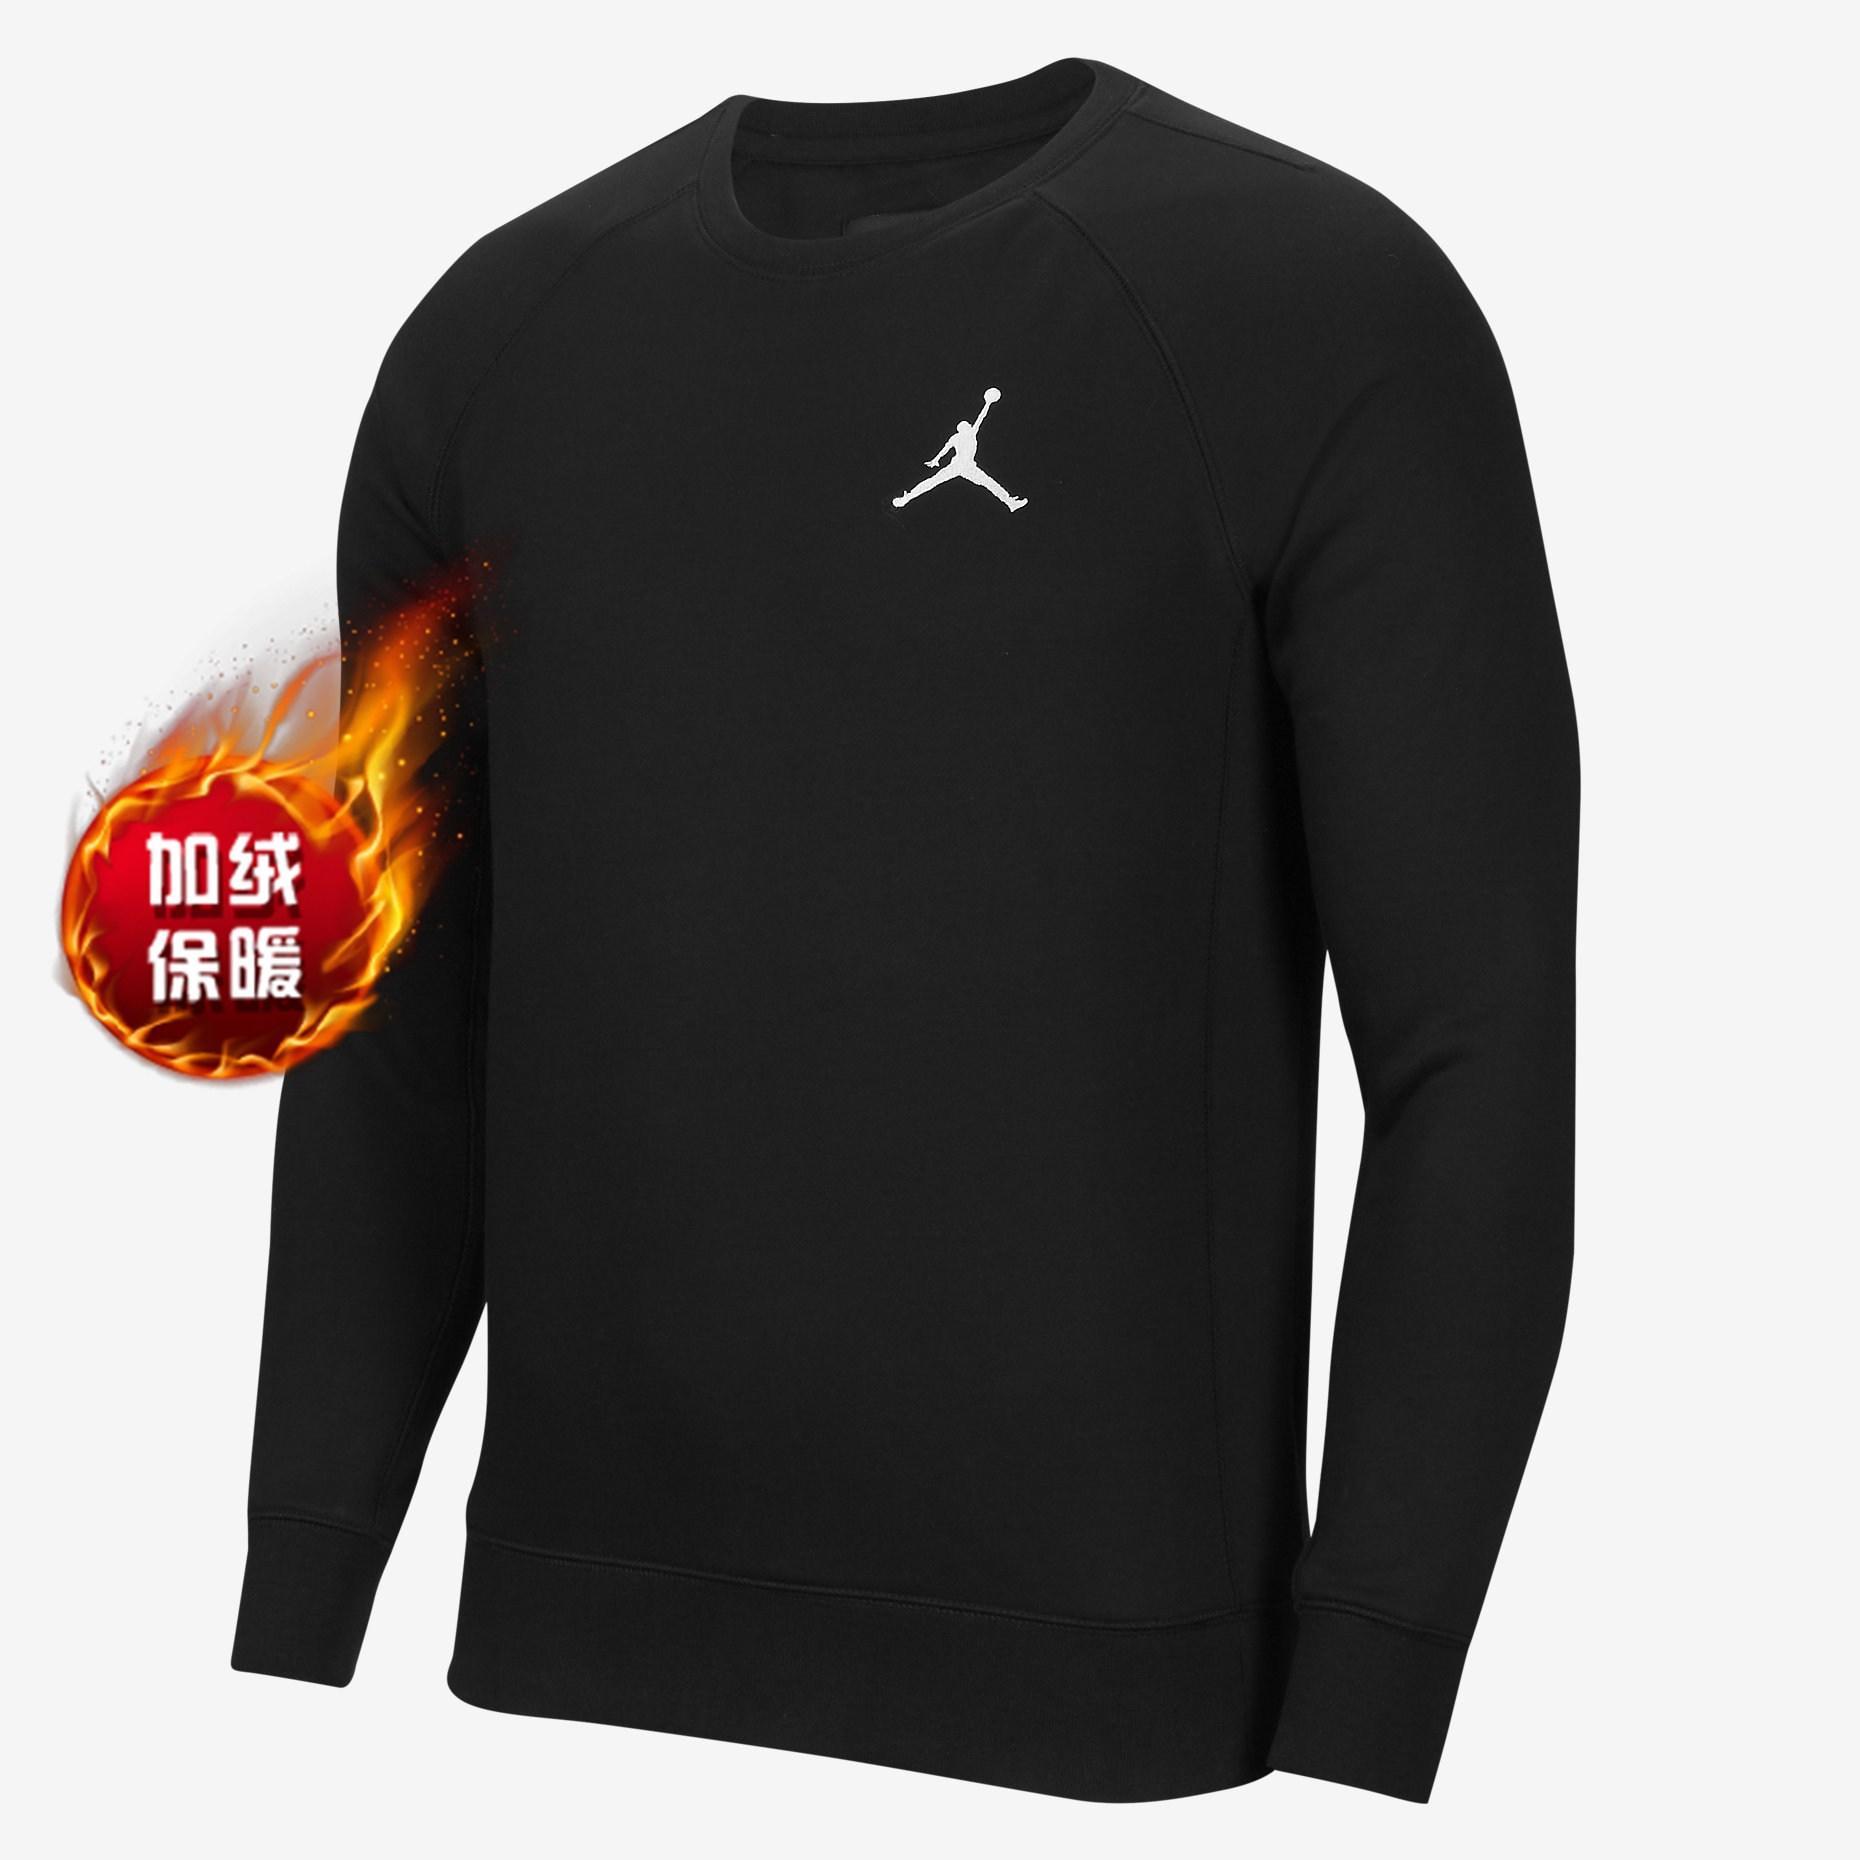 耐克NIKE  男装 运动篮球训练休闲卫衣套头衫 DC6716-010